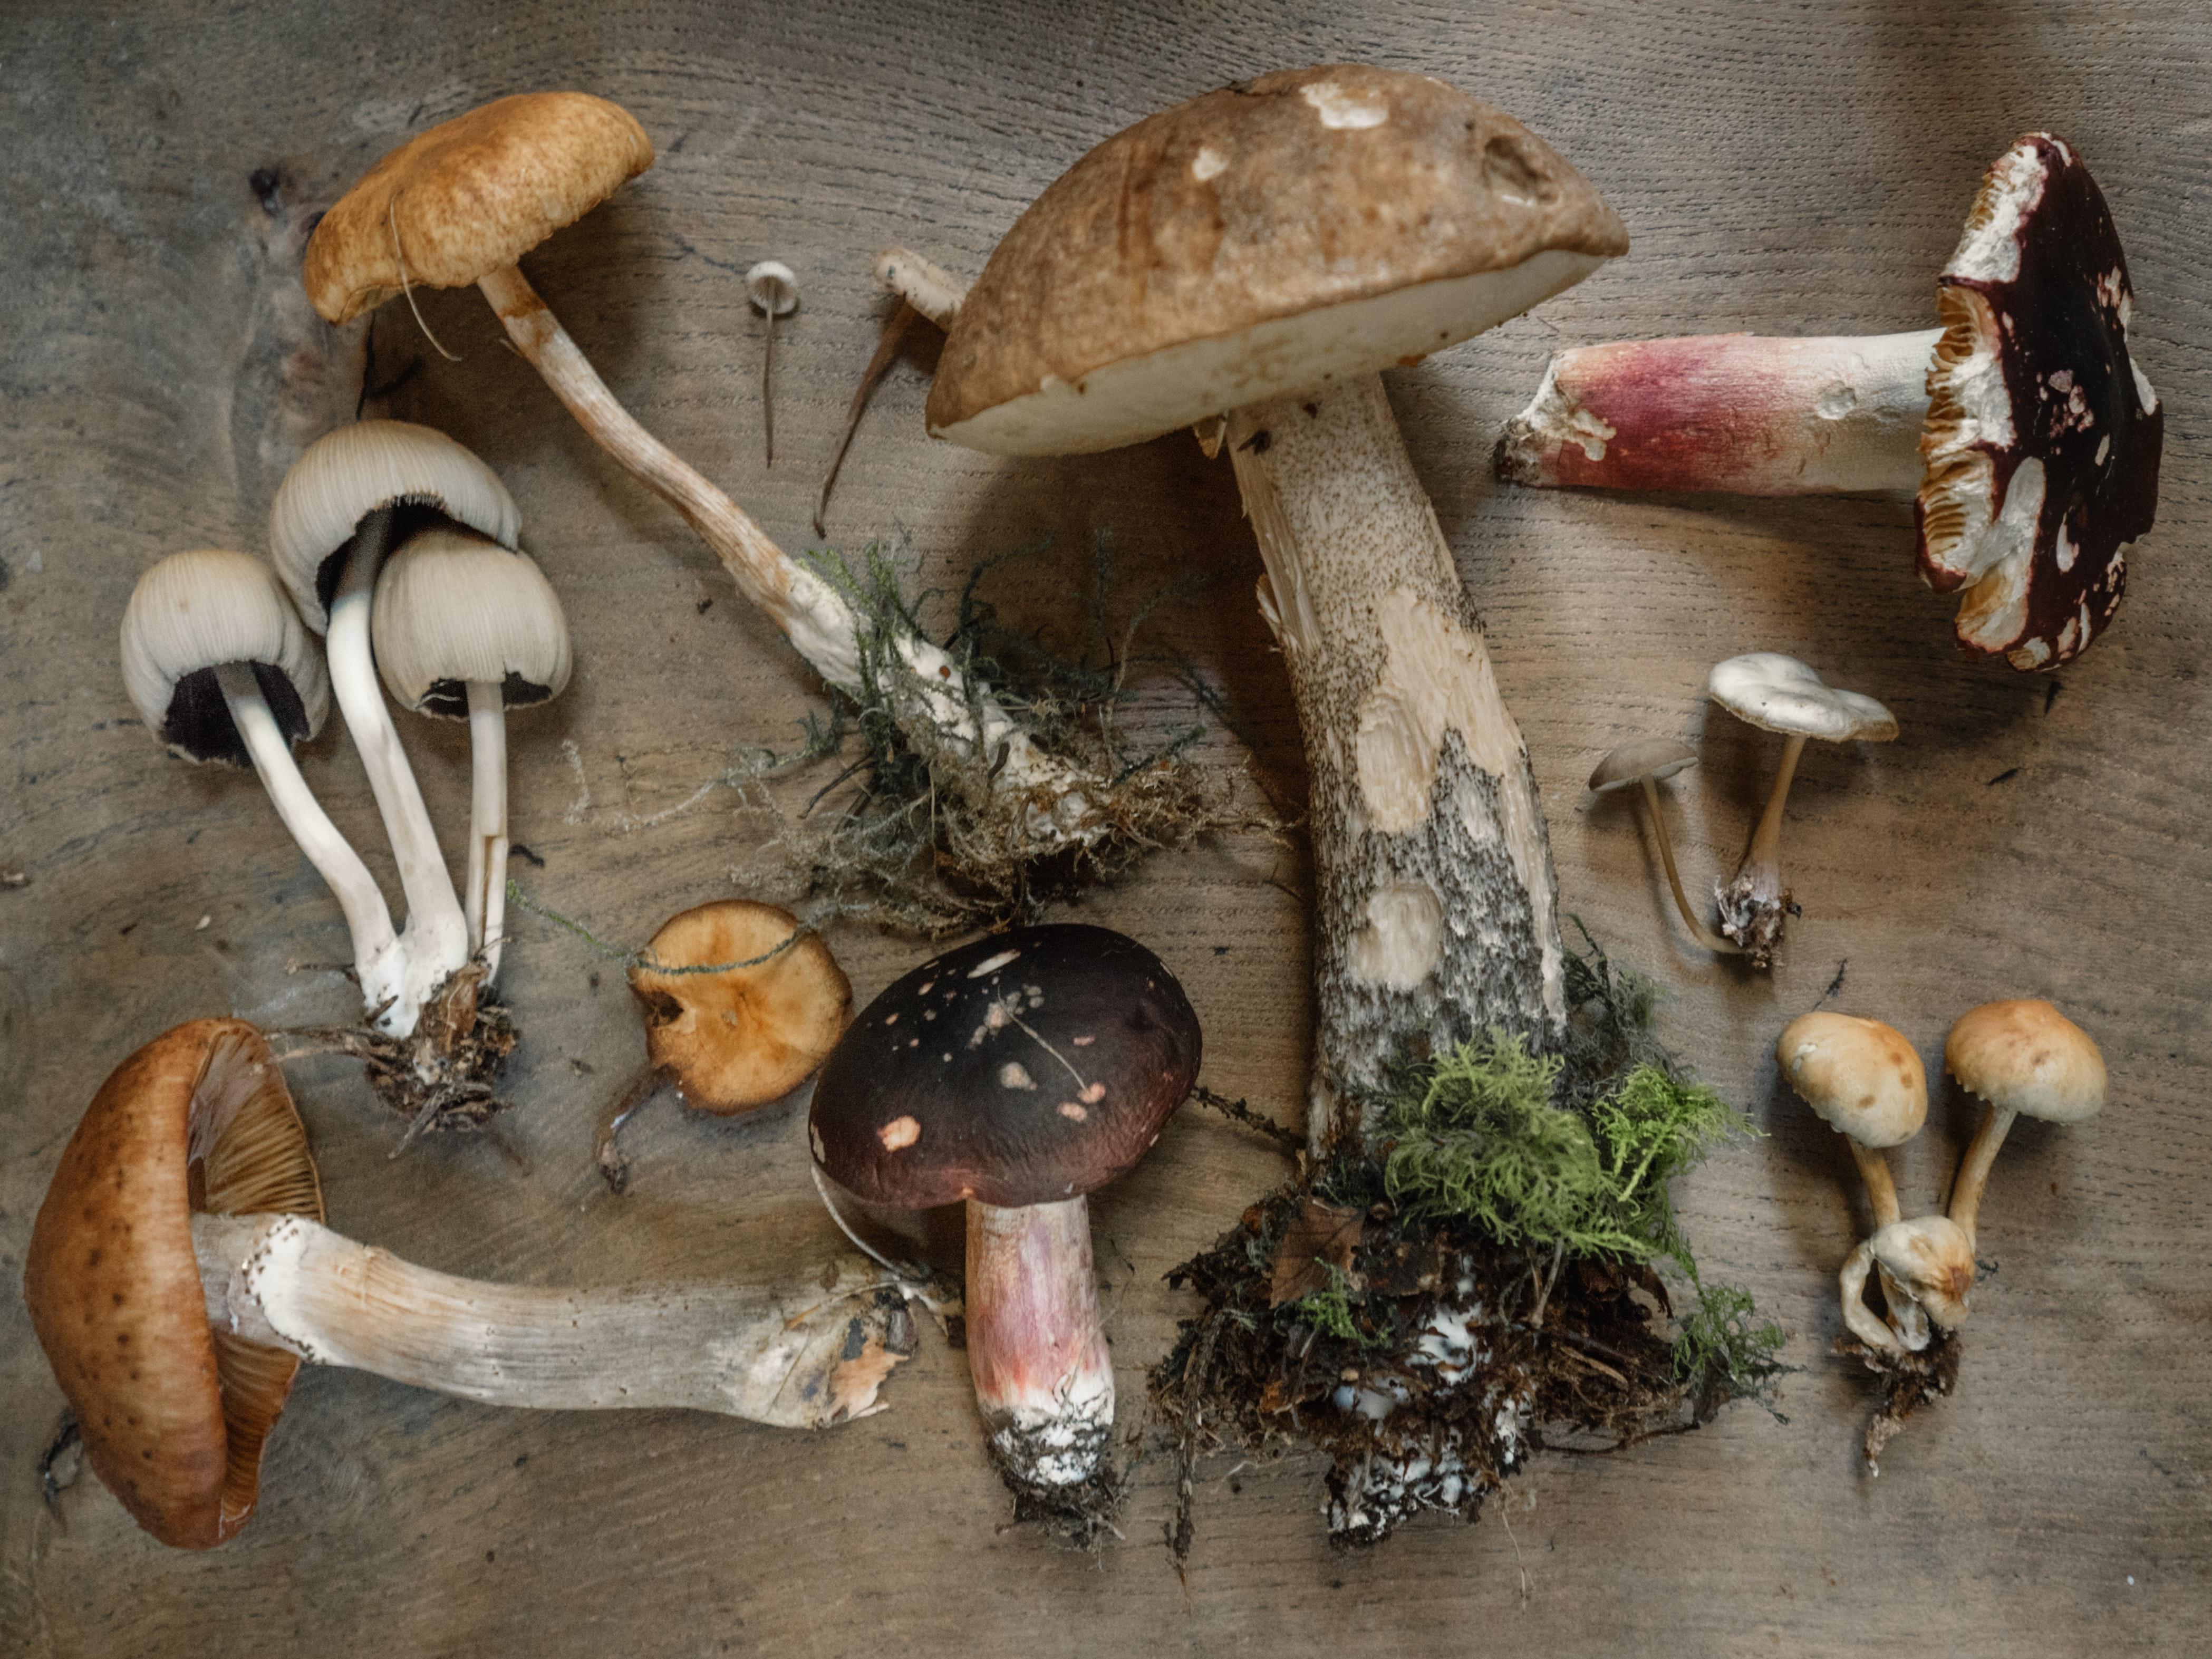 Meet fungi experts: Sunday, Sept 26